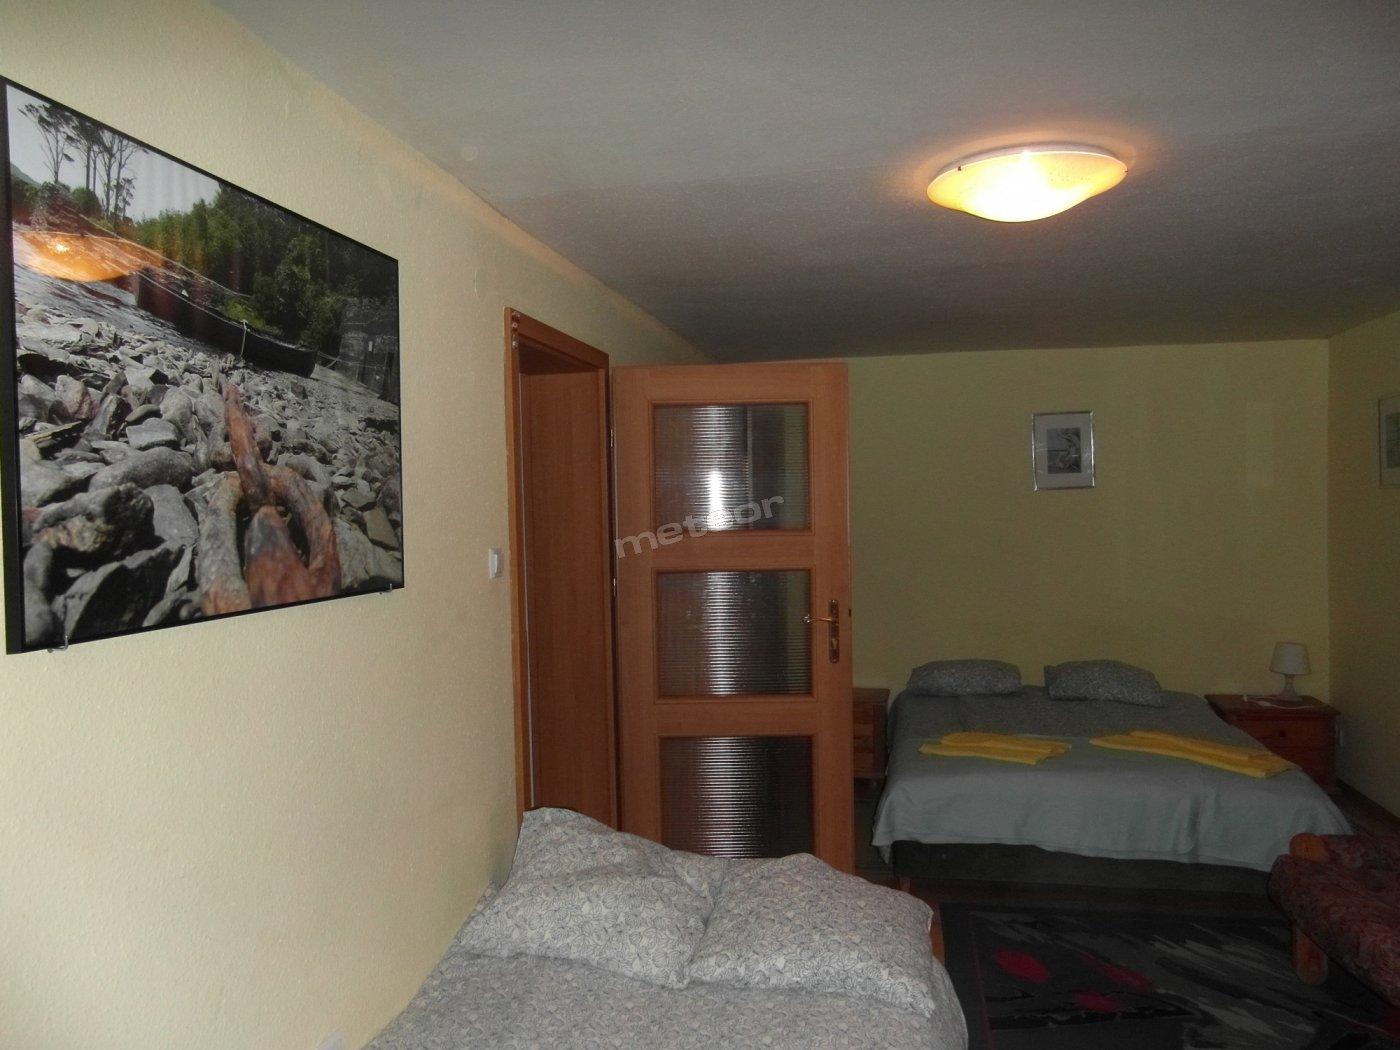 Apartament, samodzielne mieszkanie.